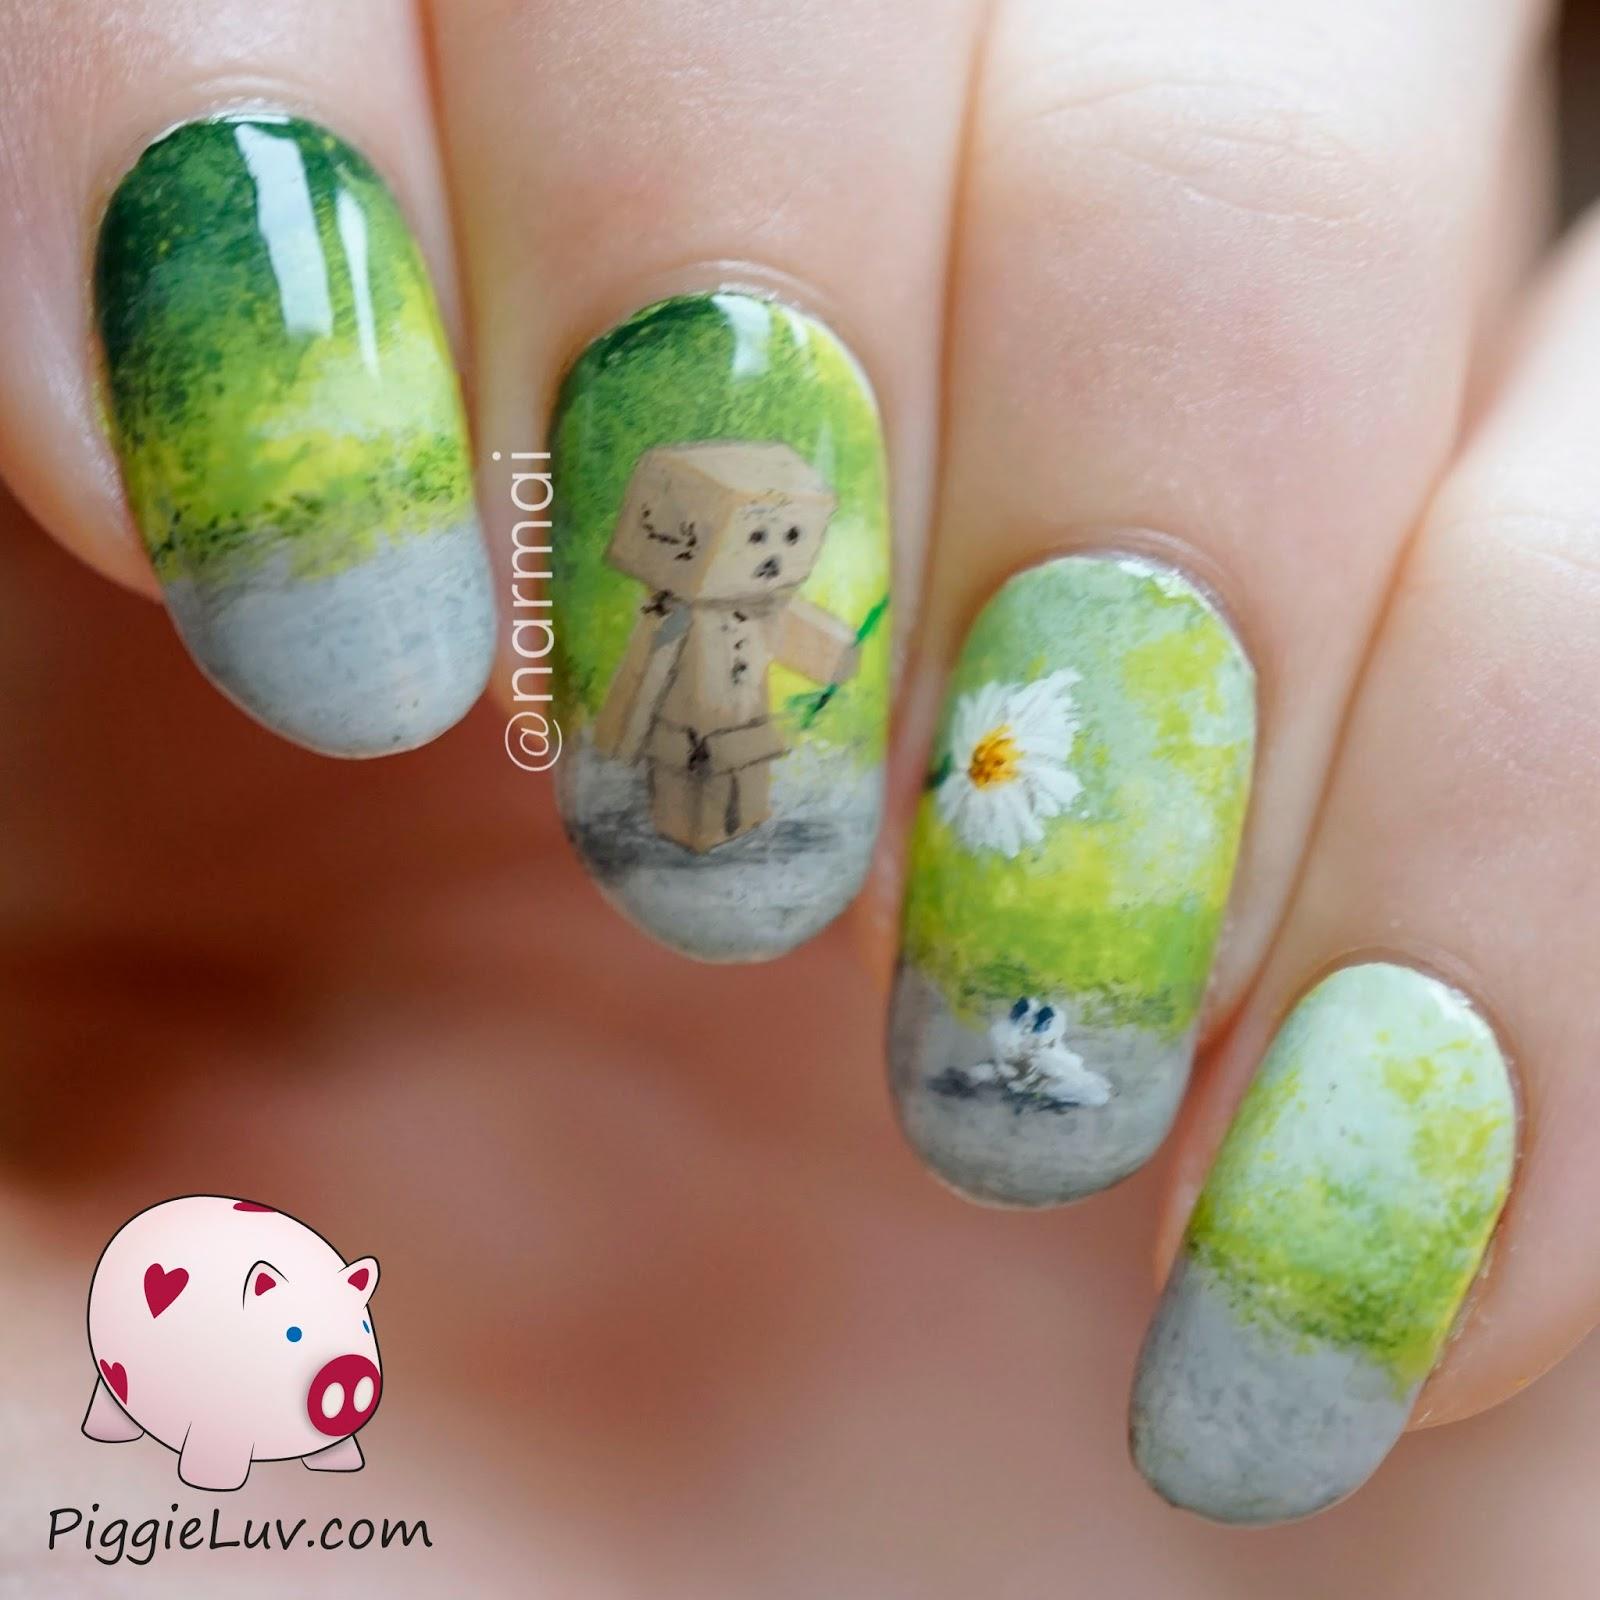 Piggieluv Danbo Nail Art The Cutest Little Robot